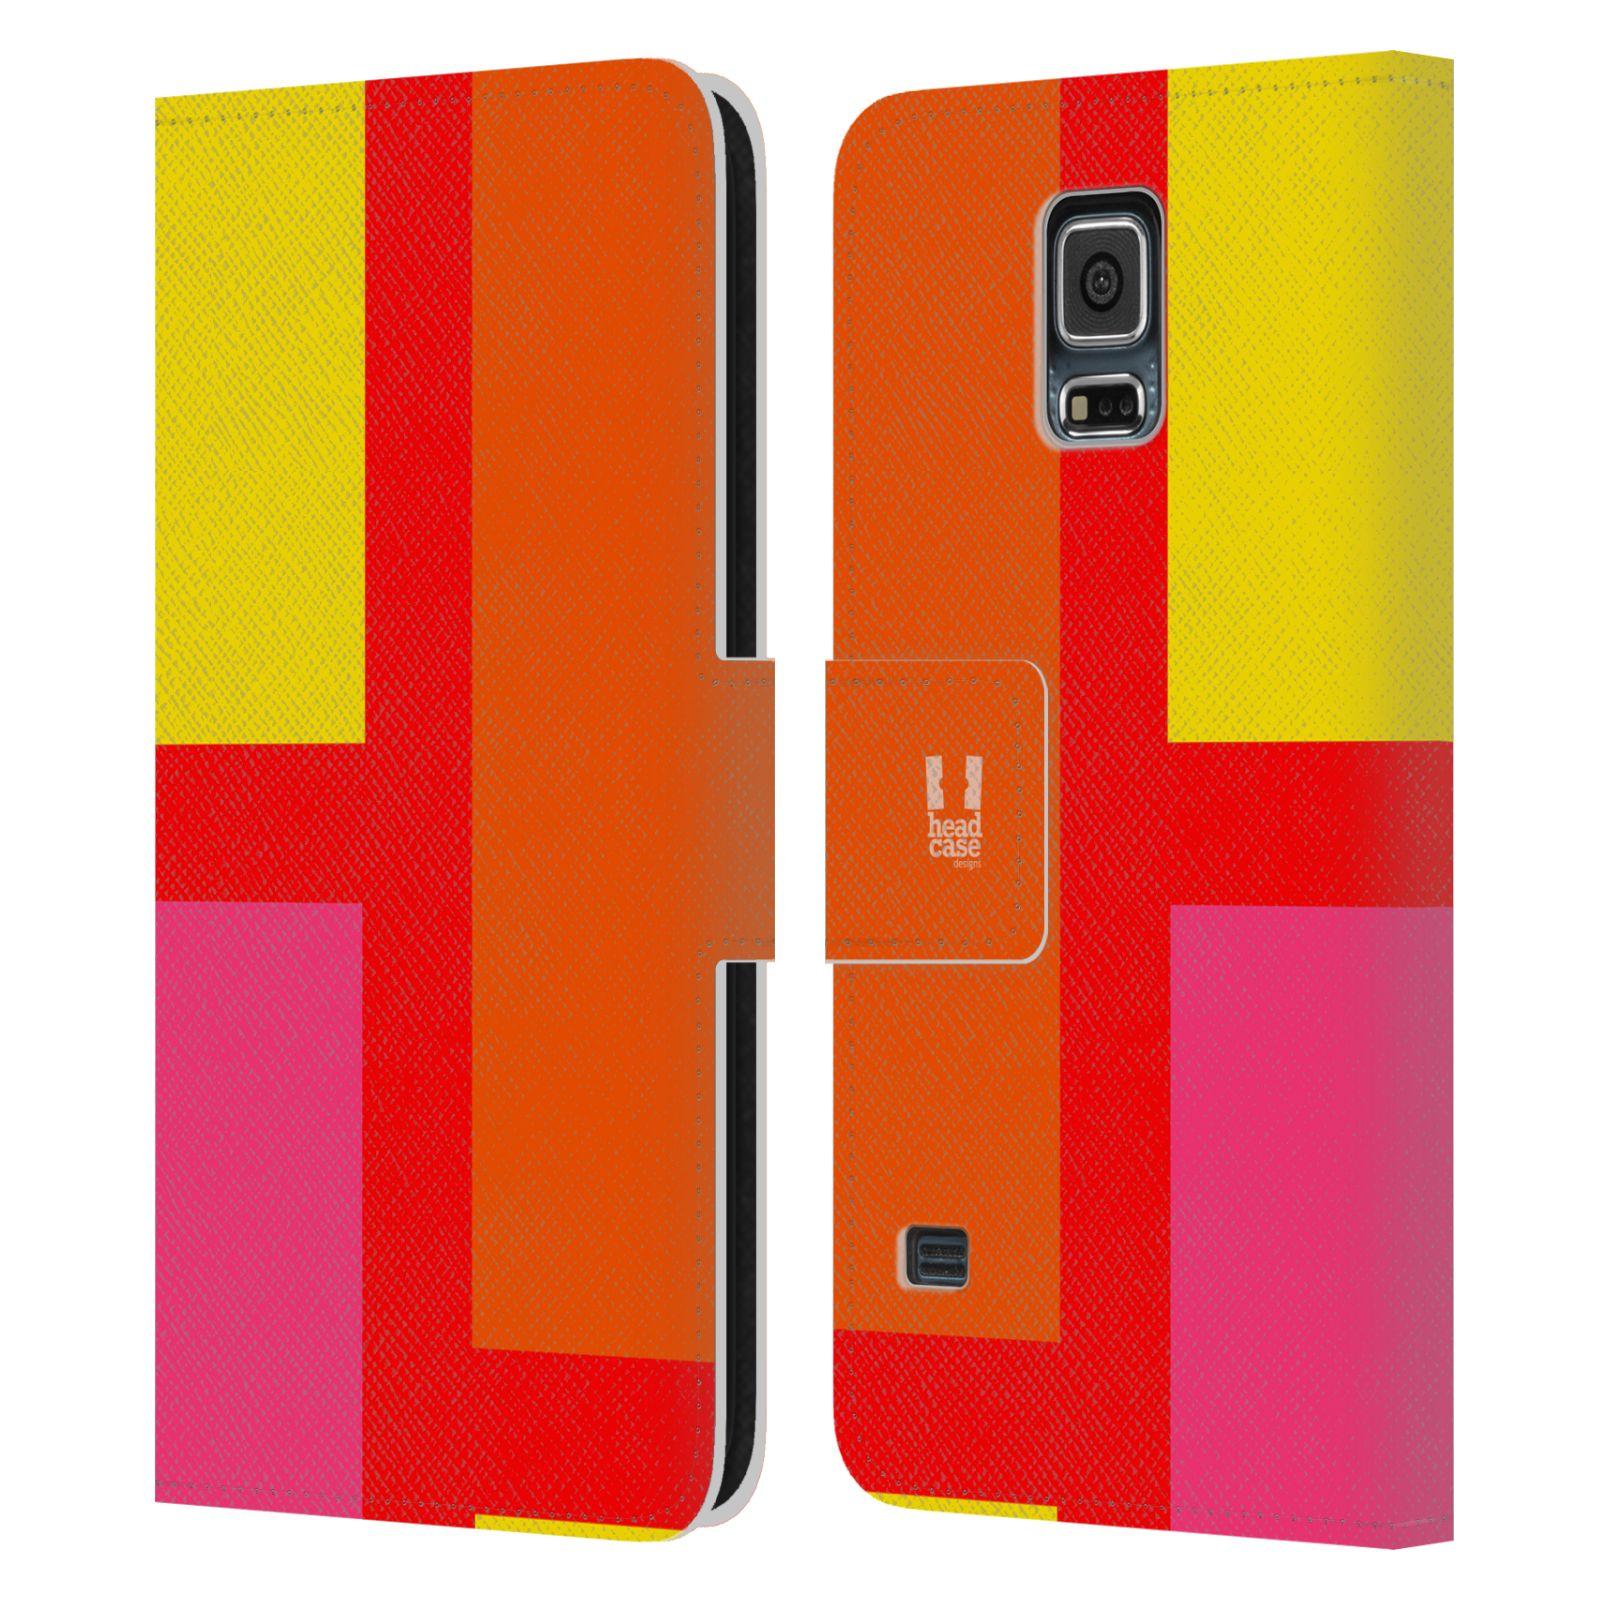 HEAD CASE Flipové pouzdro pro mobil Samsung Galaxy S5 barevné tvary oranžová ulice